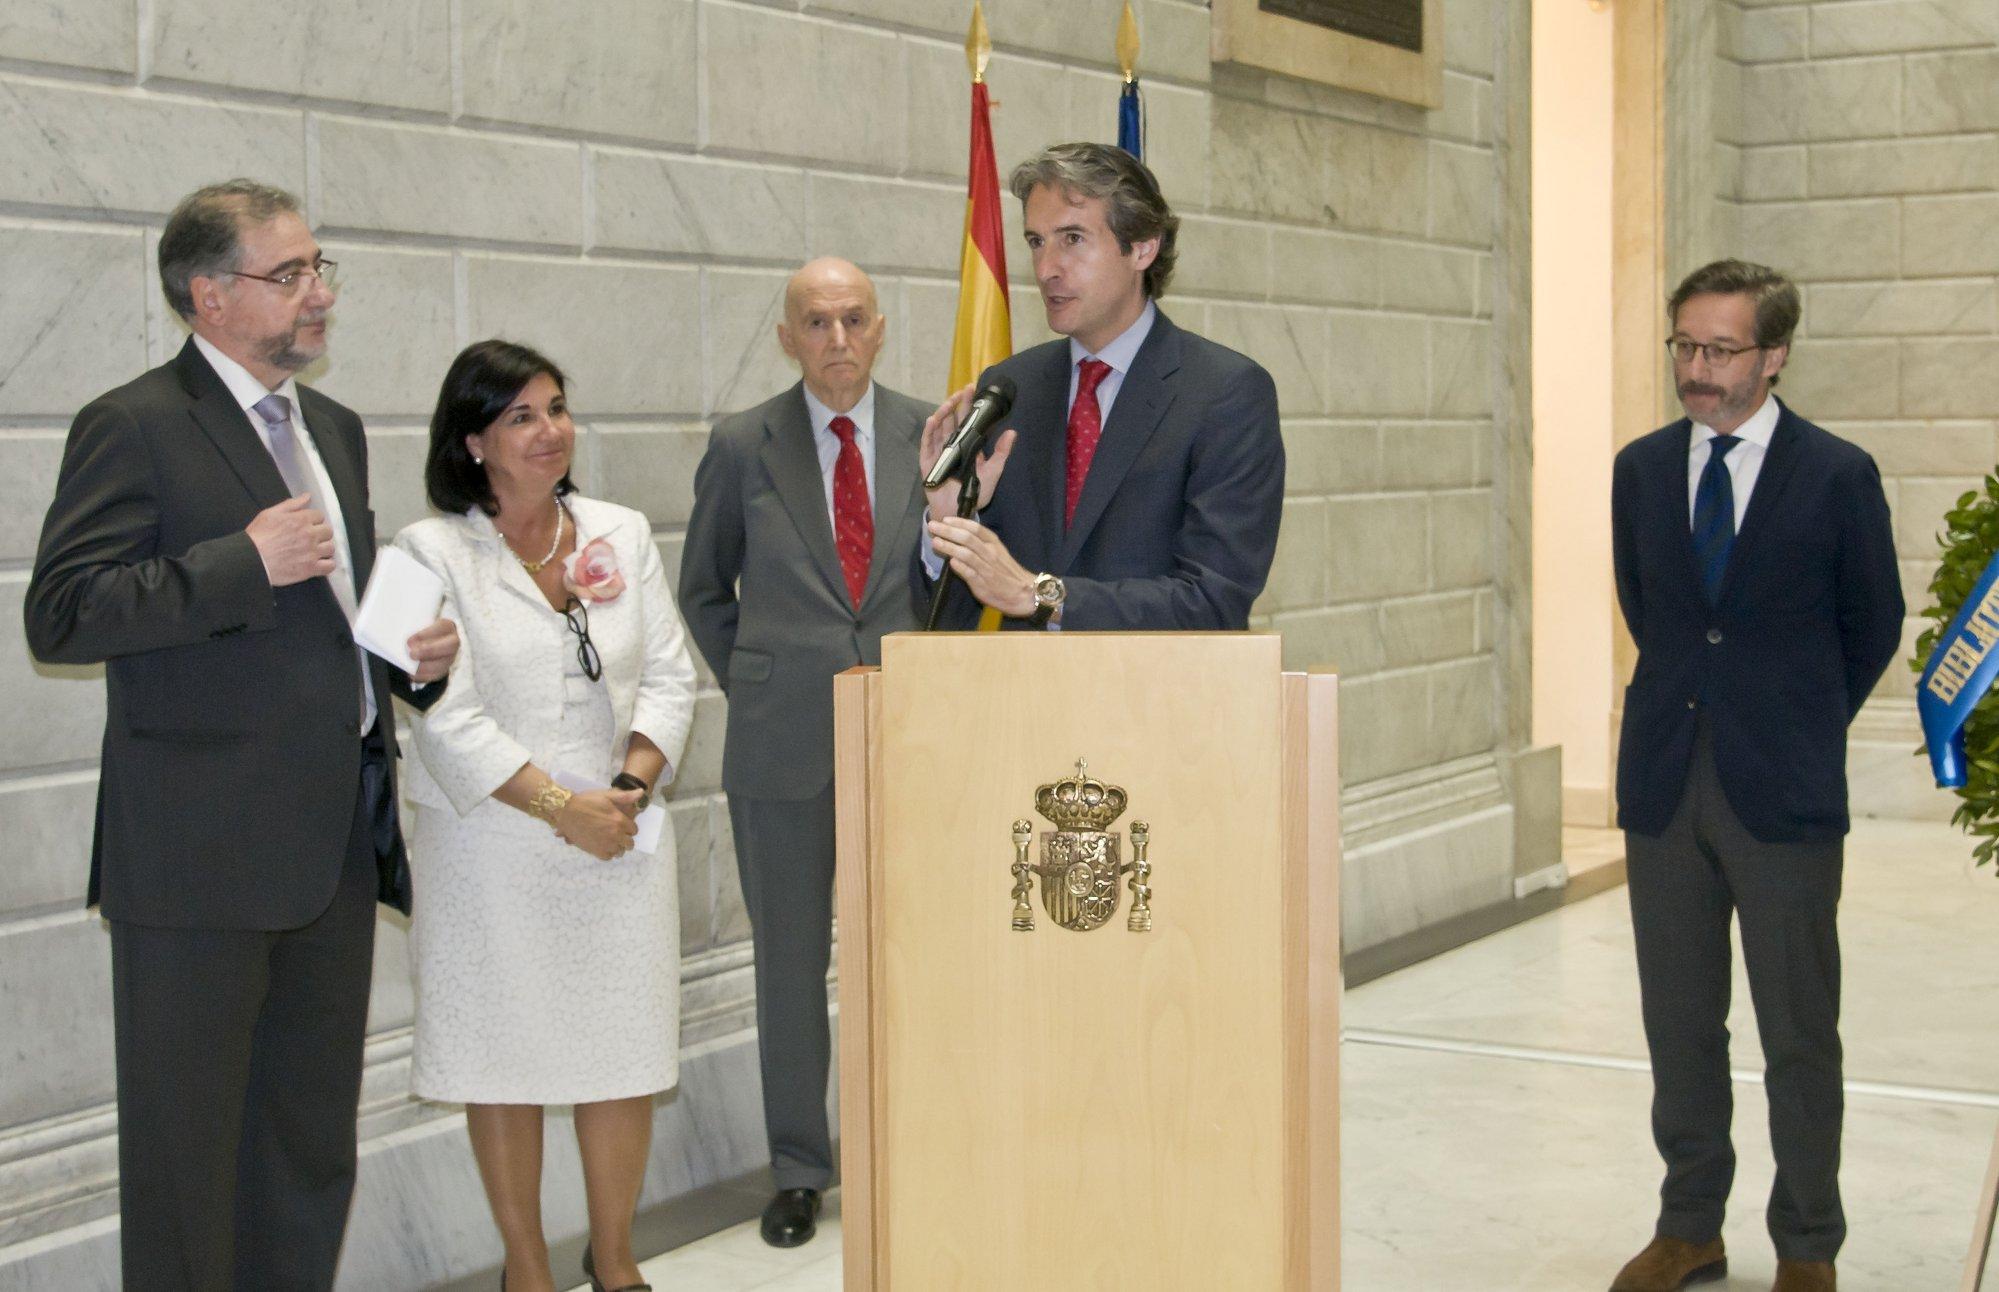 Alcalde de Santander y presidente del Parlamento destacan el «enorme legado» recibido de Menéndez Pelayo